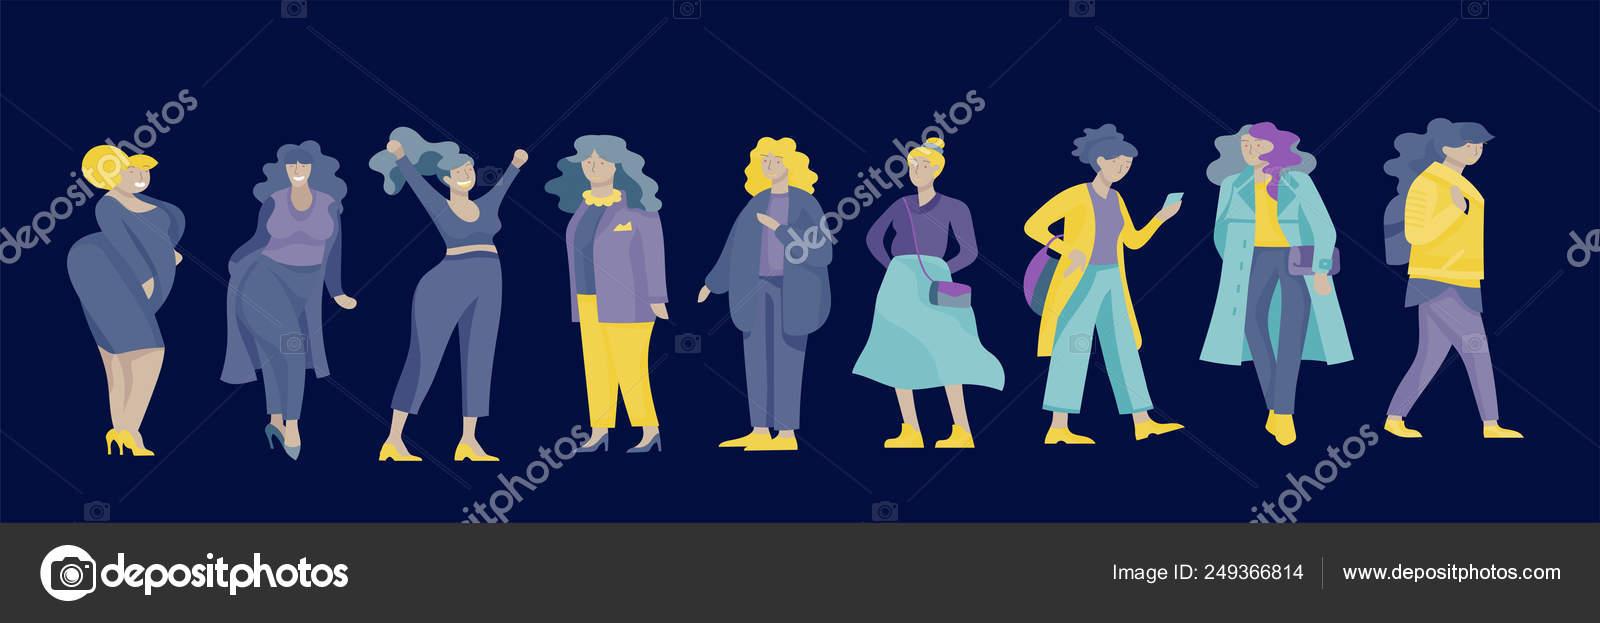 b033664d2 Plus tamaño mujeres vestidas con ropa elegante. Conjunto de curvas niñas  usando ropa de moda. Personajes de dibujos animados mujer feliz. Ilustración  de ...